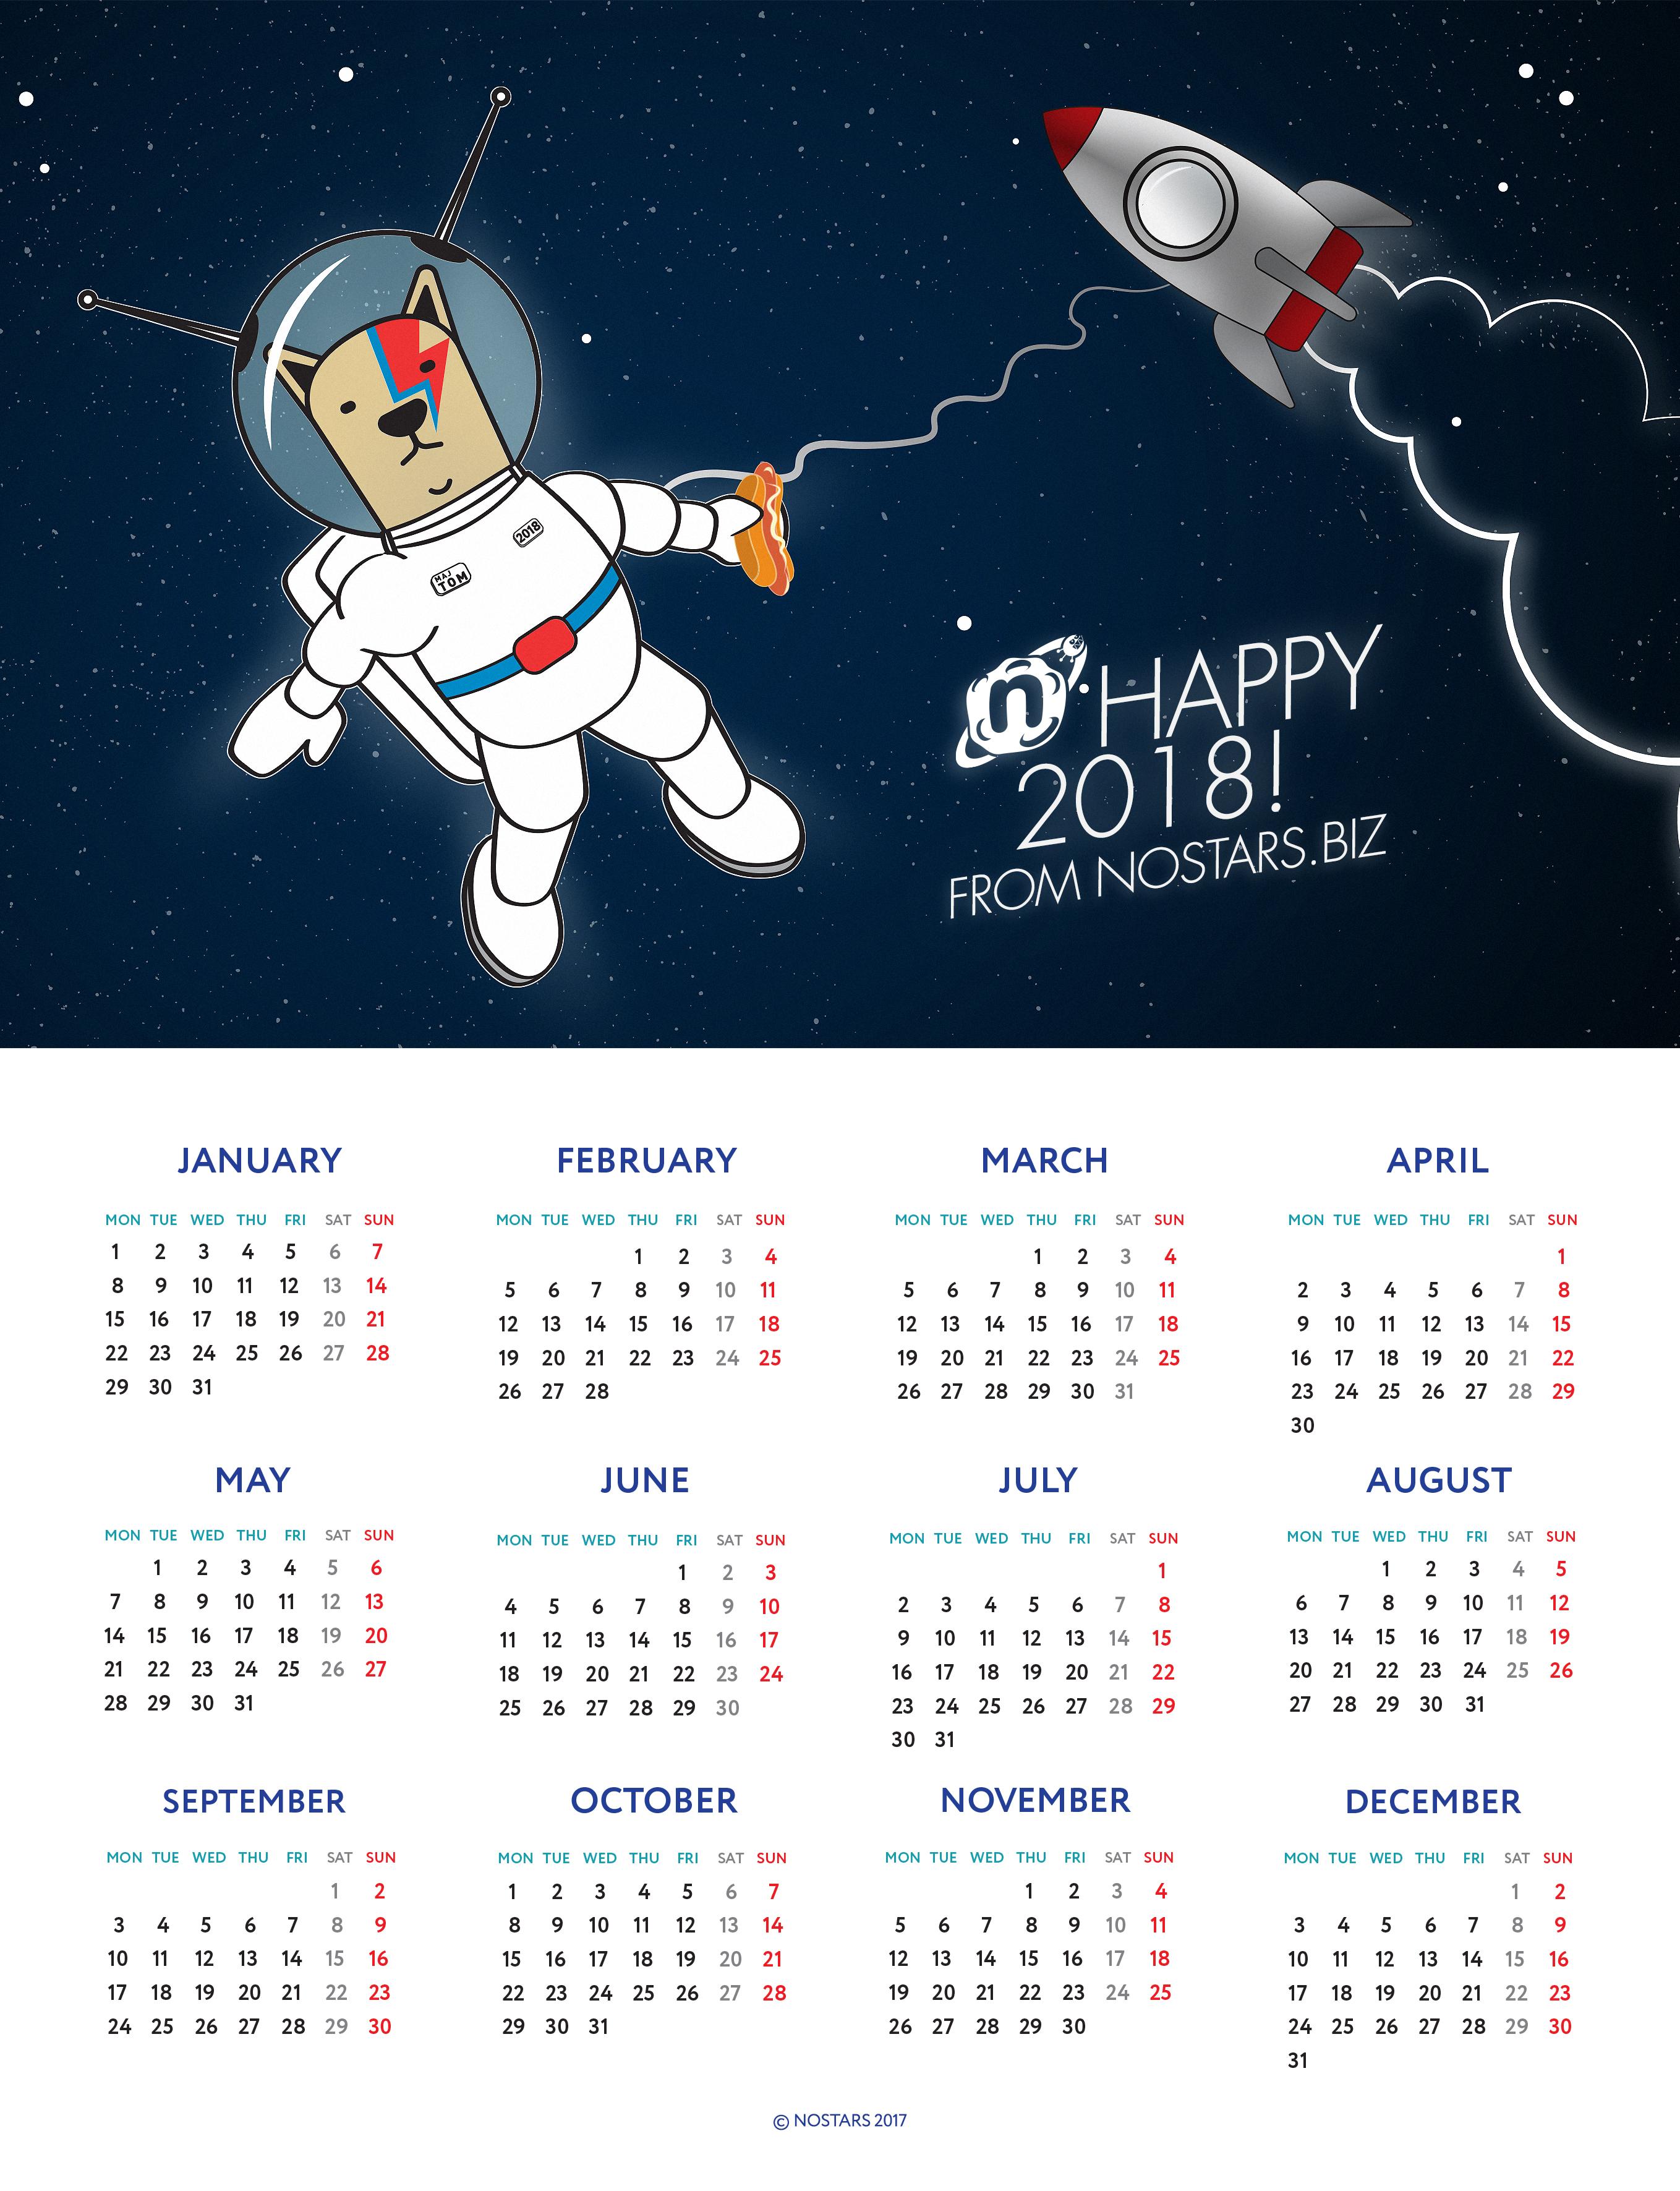 Nostars.biz поздравляет своих друзей с новым годом!